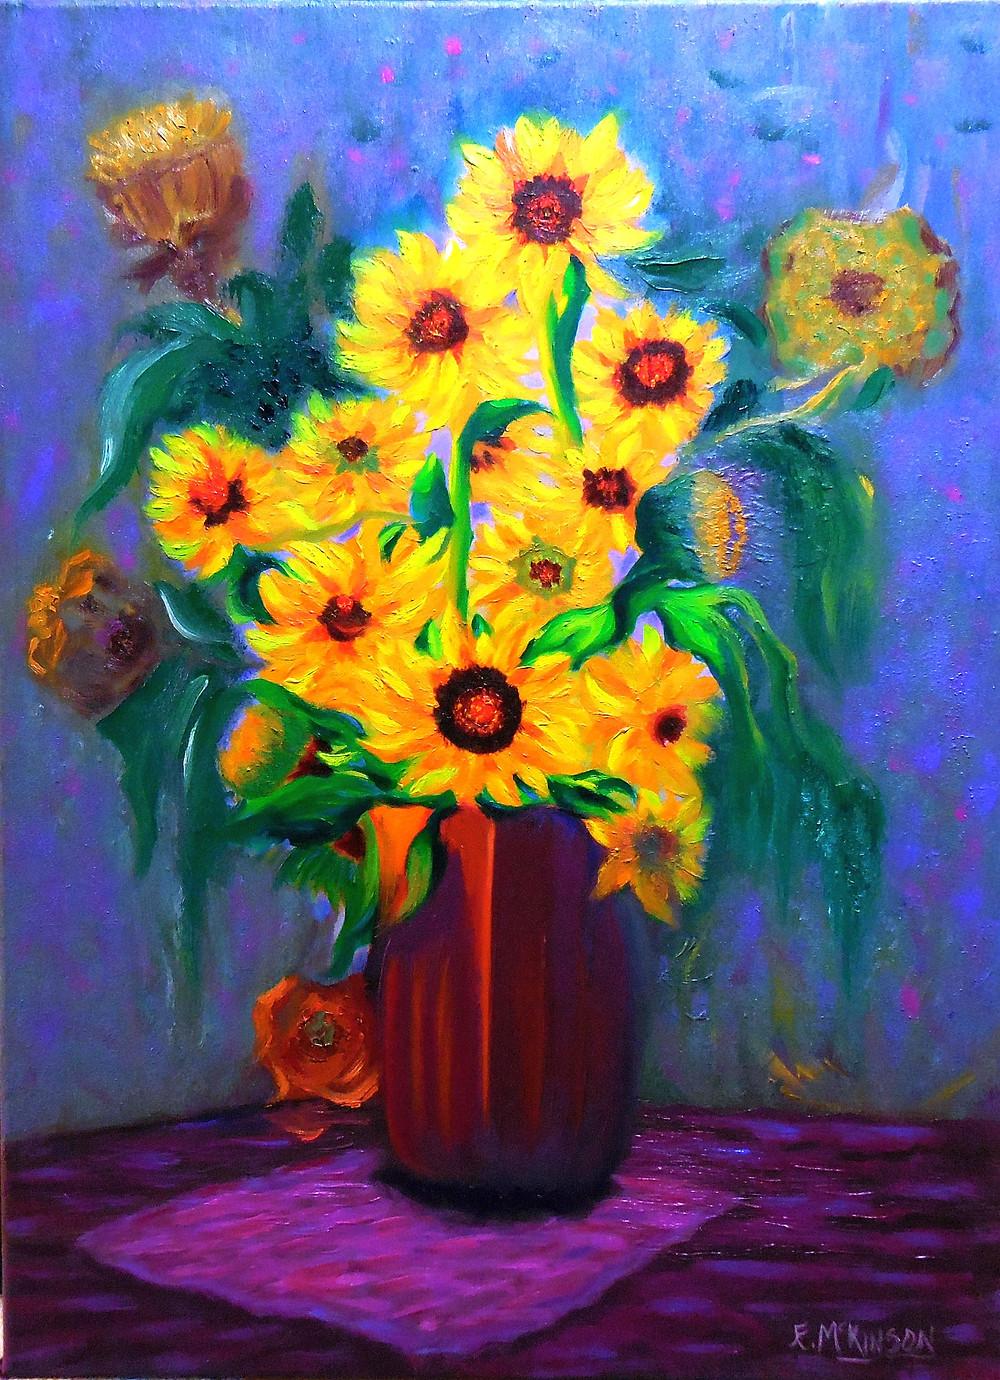 Sunflowers in Red Vase, Errol McKinson Oil on Canvas 18x24